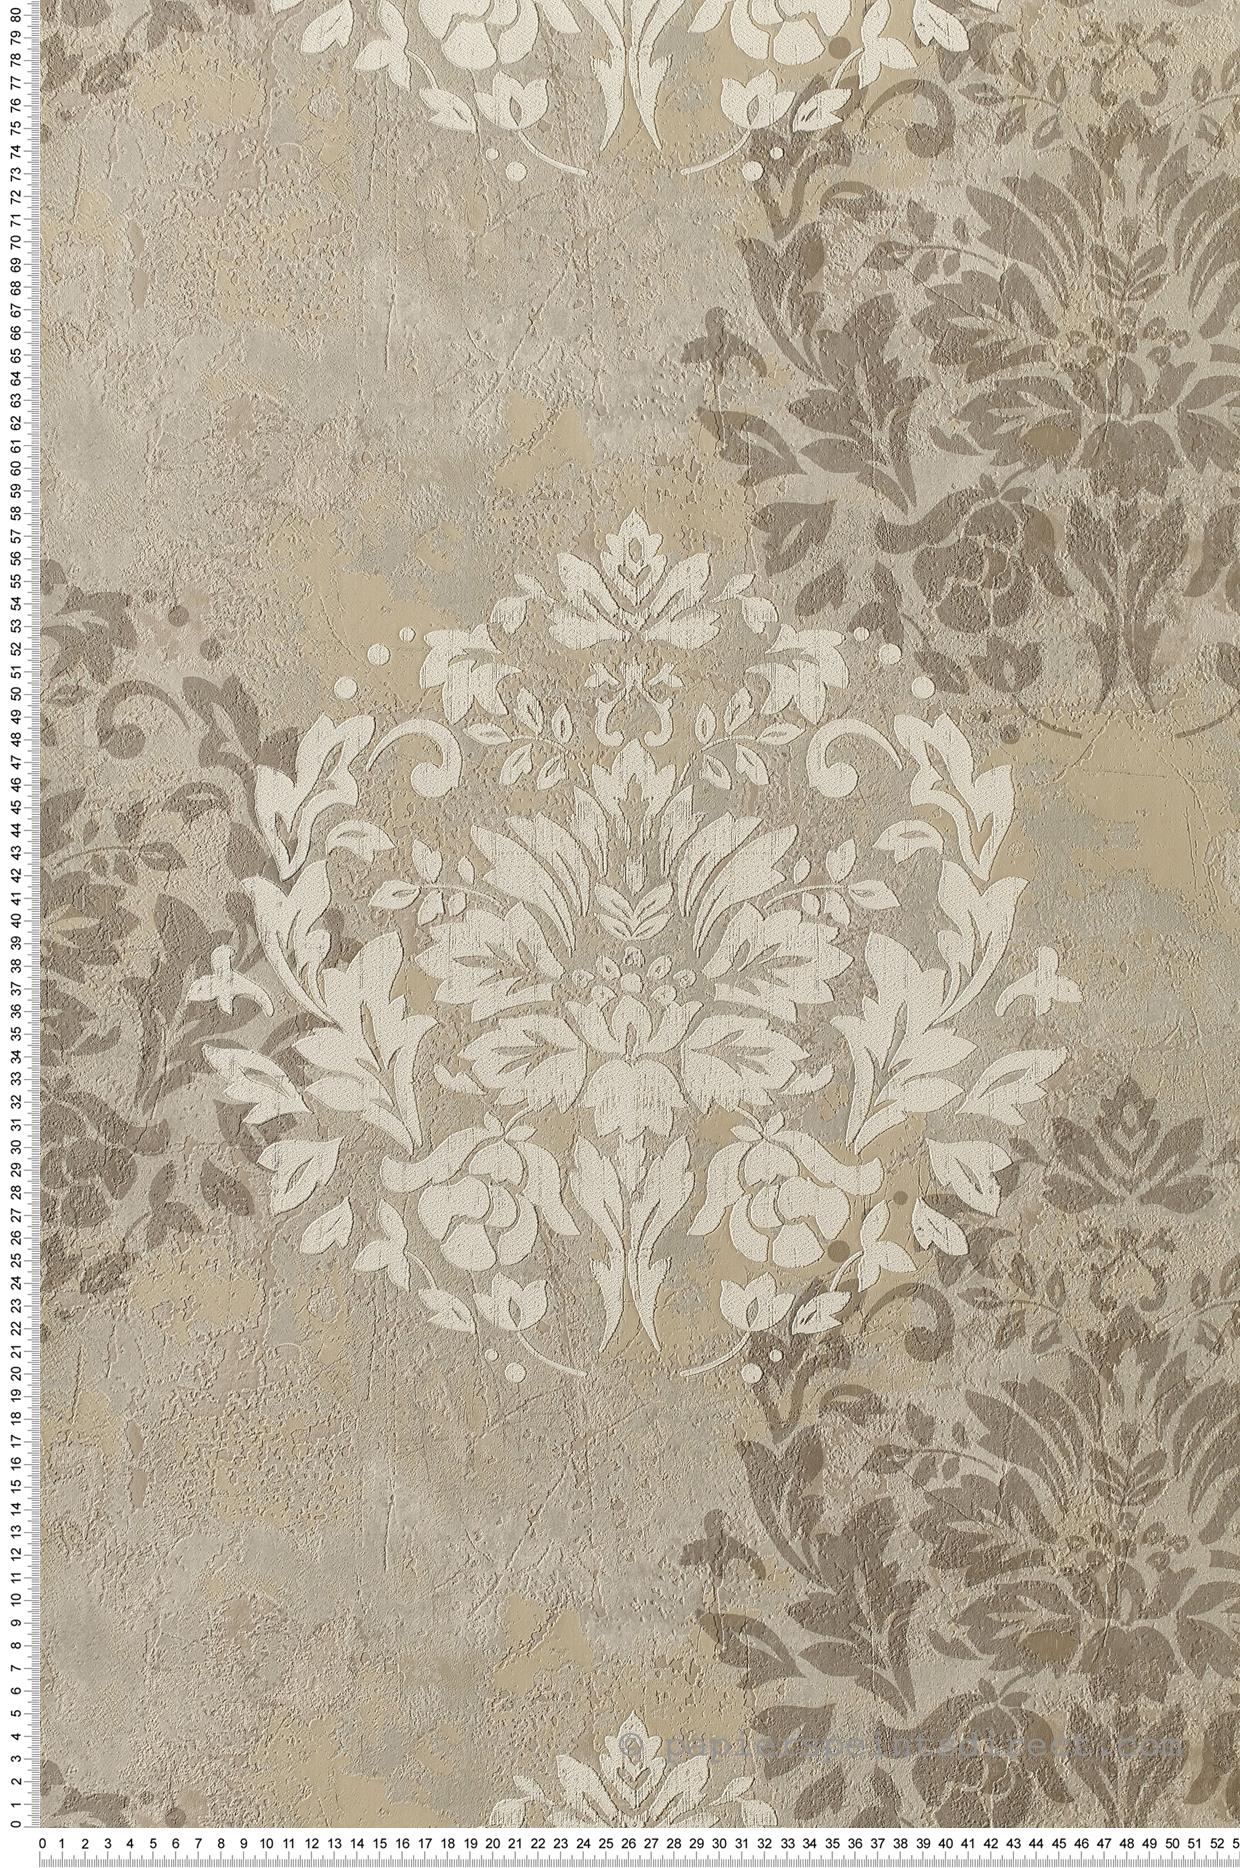 Papier peint Damask Béton gris - Neapolis de Montecolino | Réf. MC-Z44537